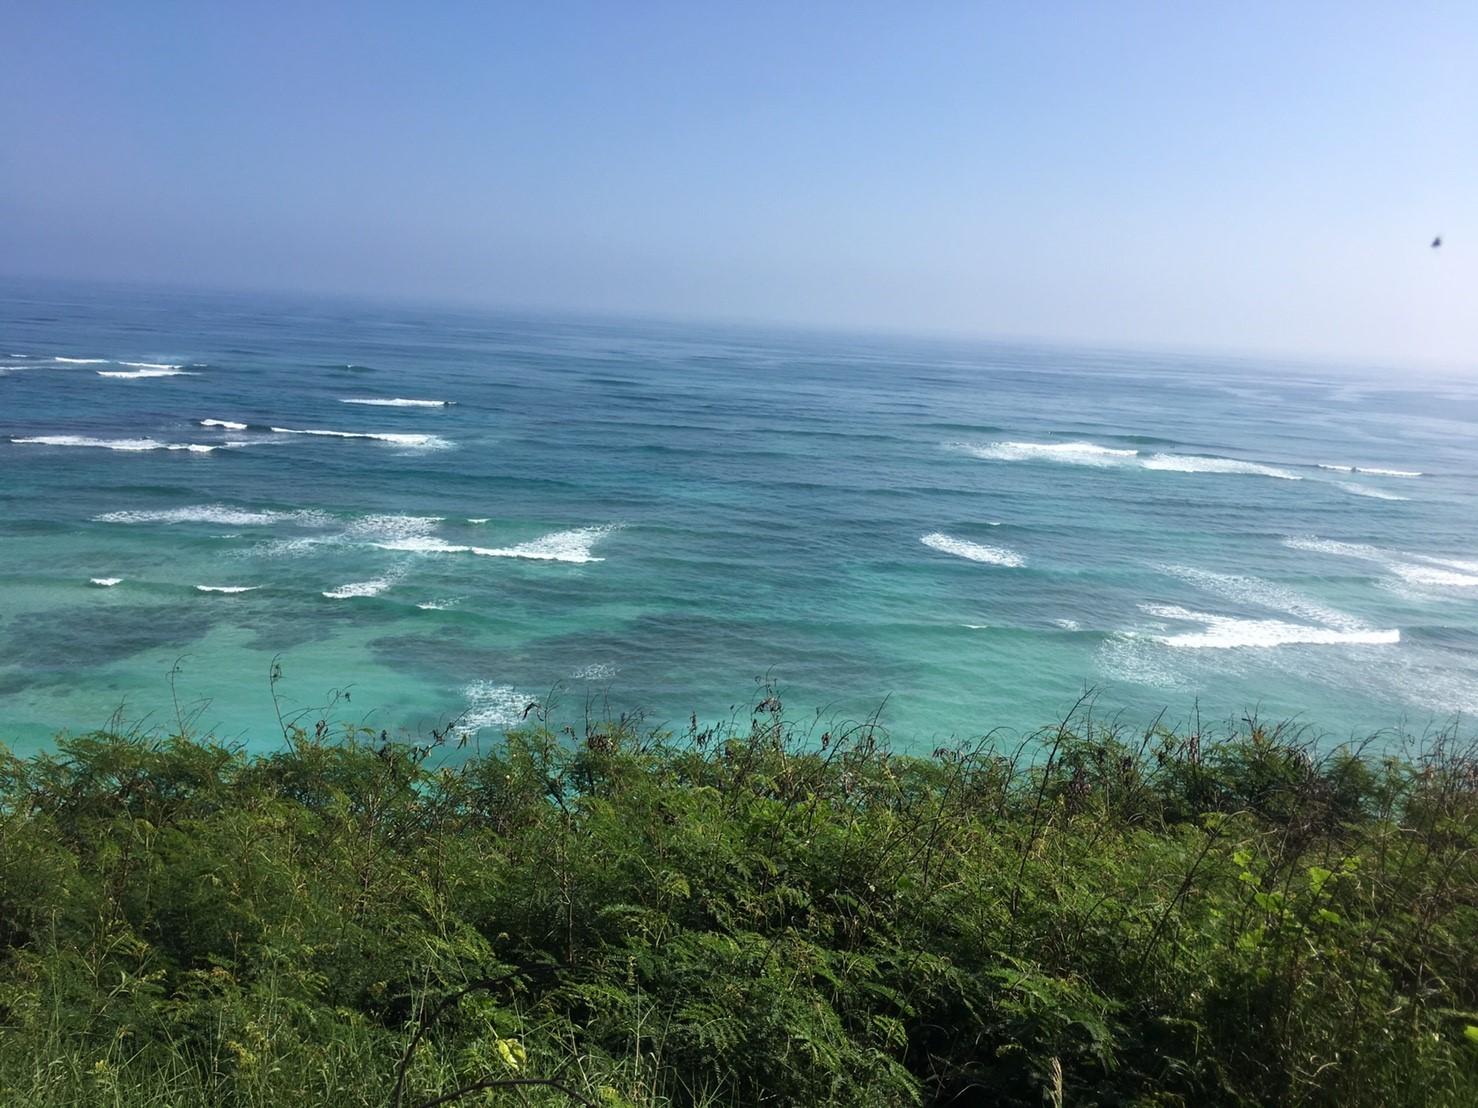 【ハワイ新婚旅行】クアロアランチでロケ地ツアー!映画好きなら行くべし!